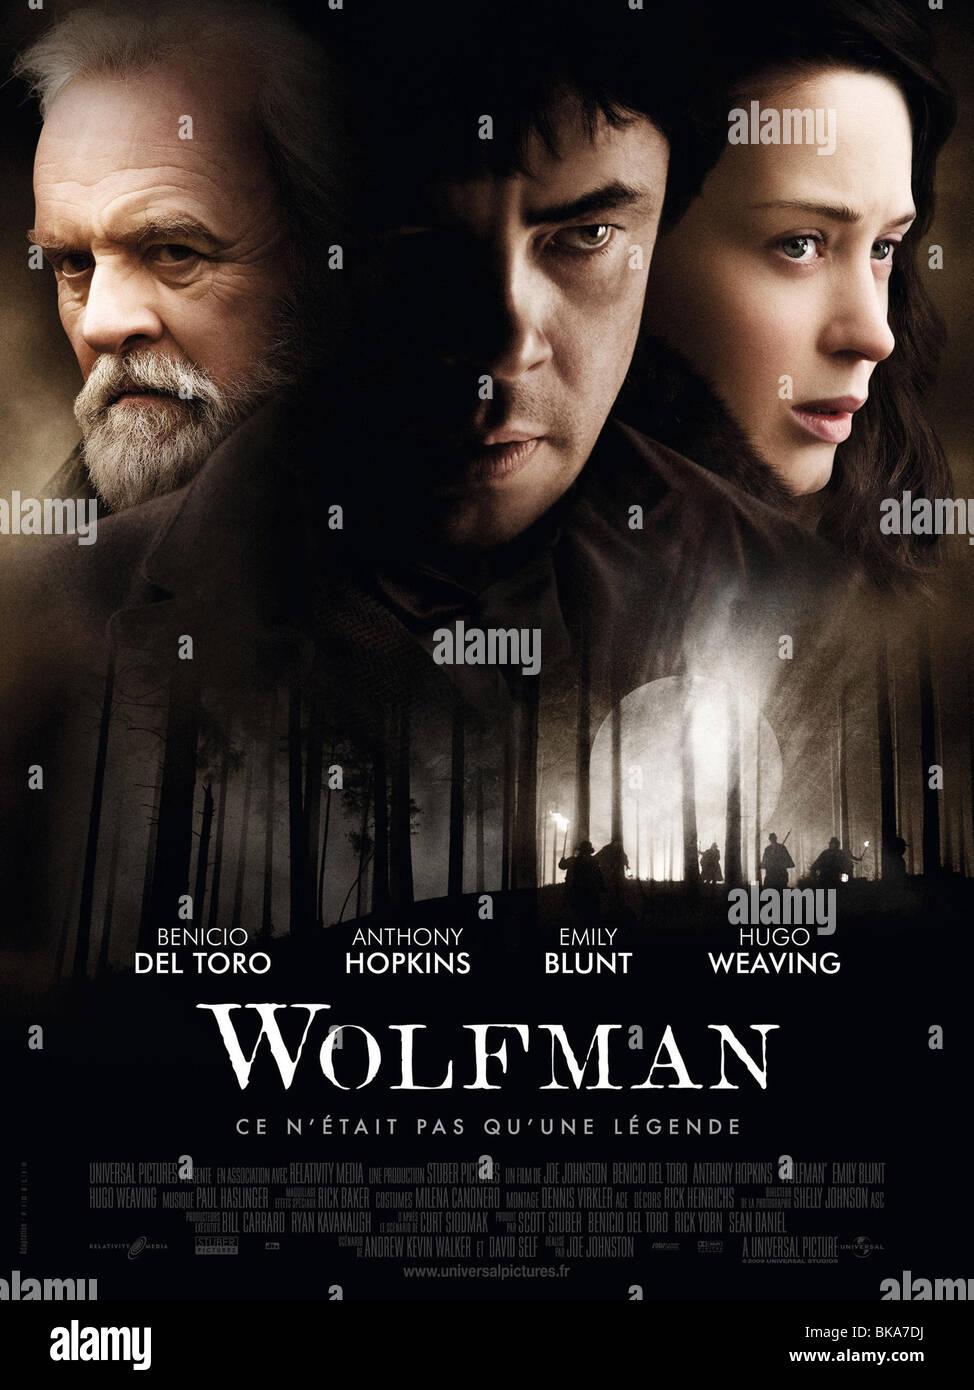 El Wolfman Año : 2010 Director : Joe Johnston Anthony Hopkins, Benicio Del Toro, Emma Romo póster de película Imagen De Stock